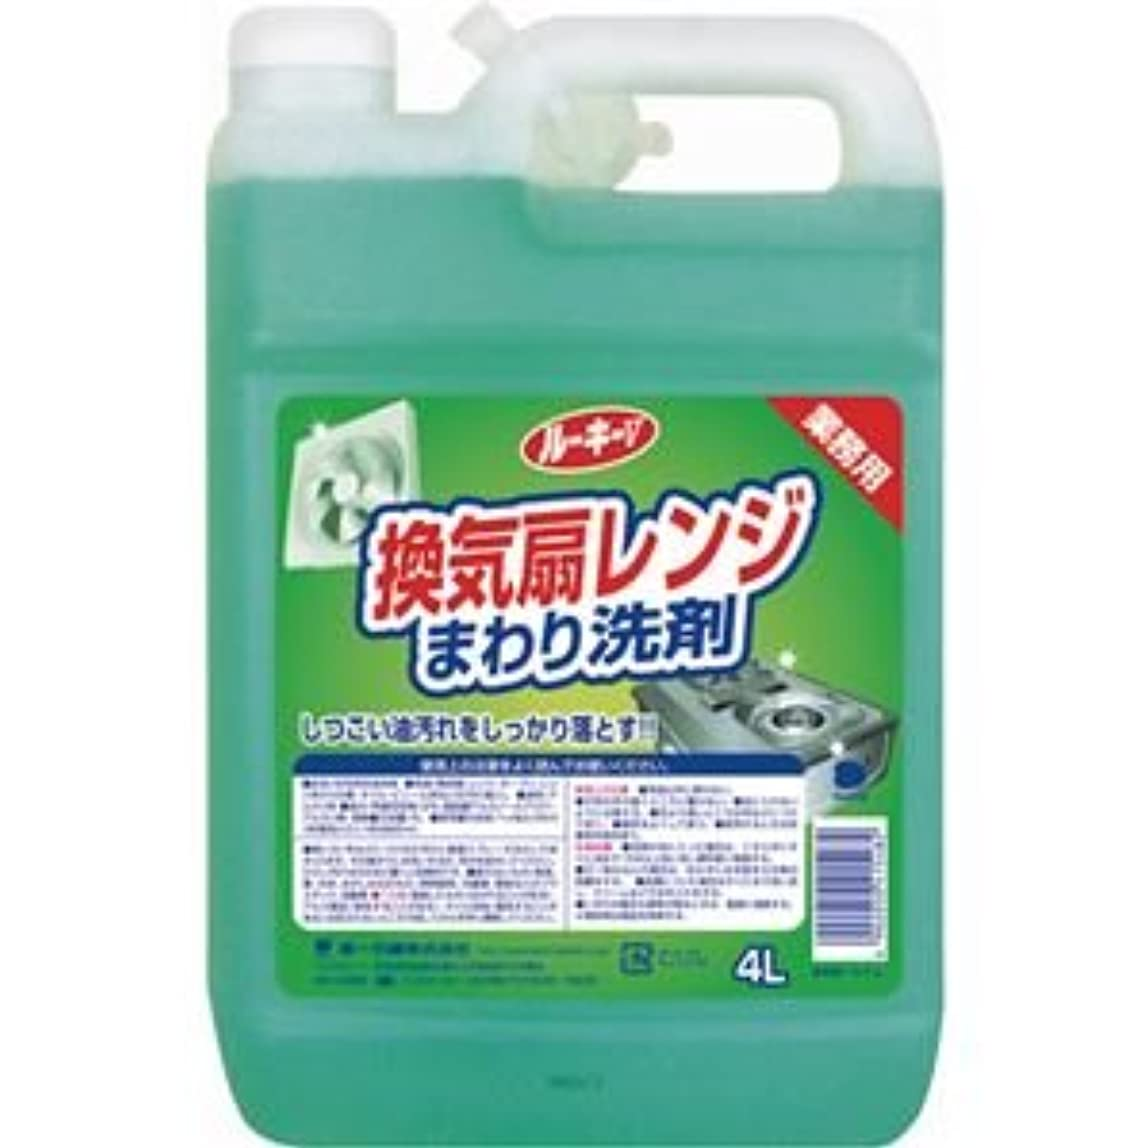 ロッド敵対的進化する(まとめ) 第一石鹸 ルーキー 換気扇レンジクリーナー 業務用 4L 1本 【×5セット】